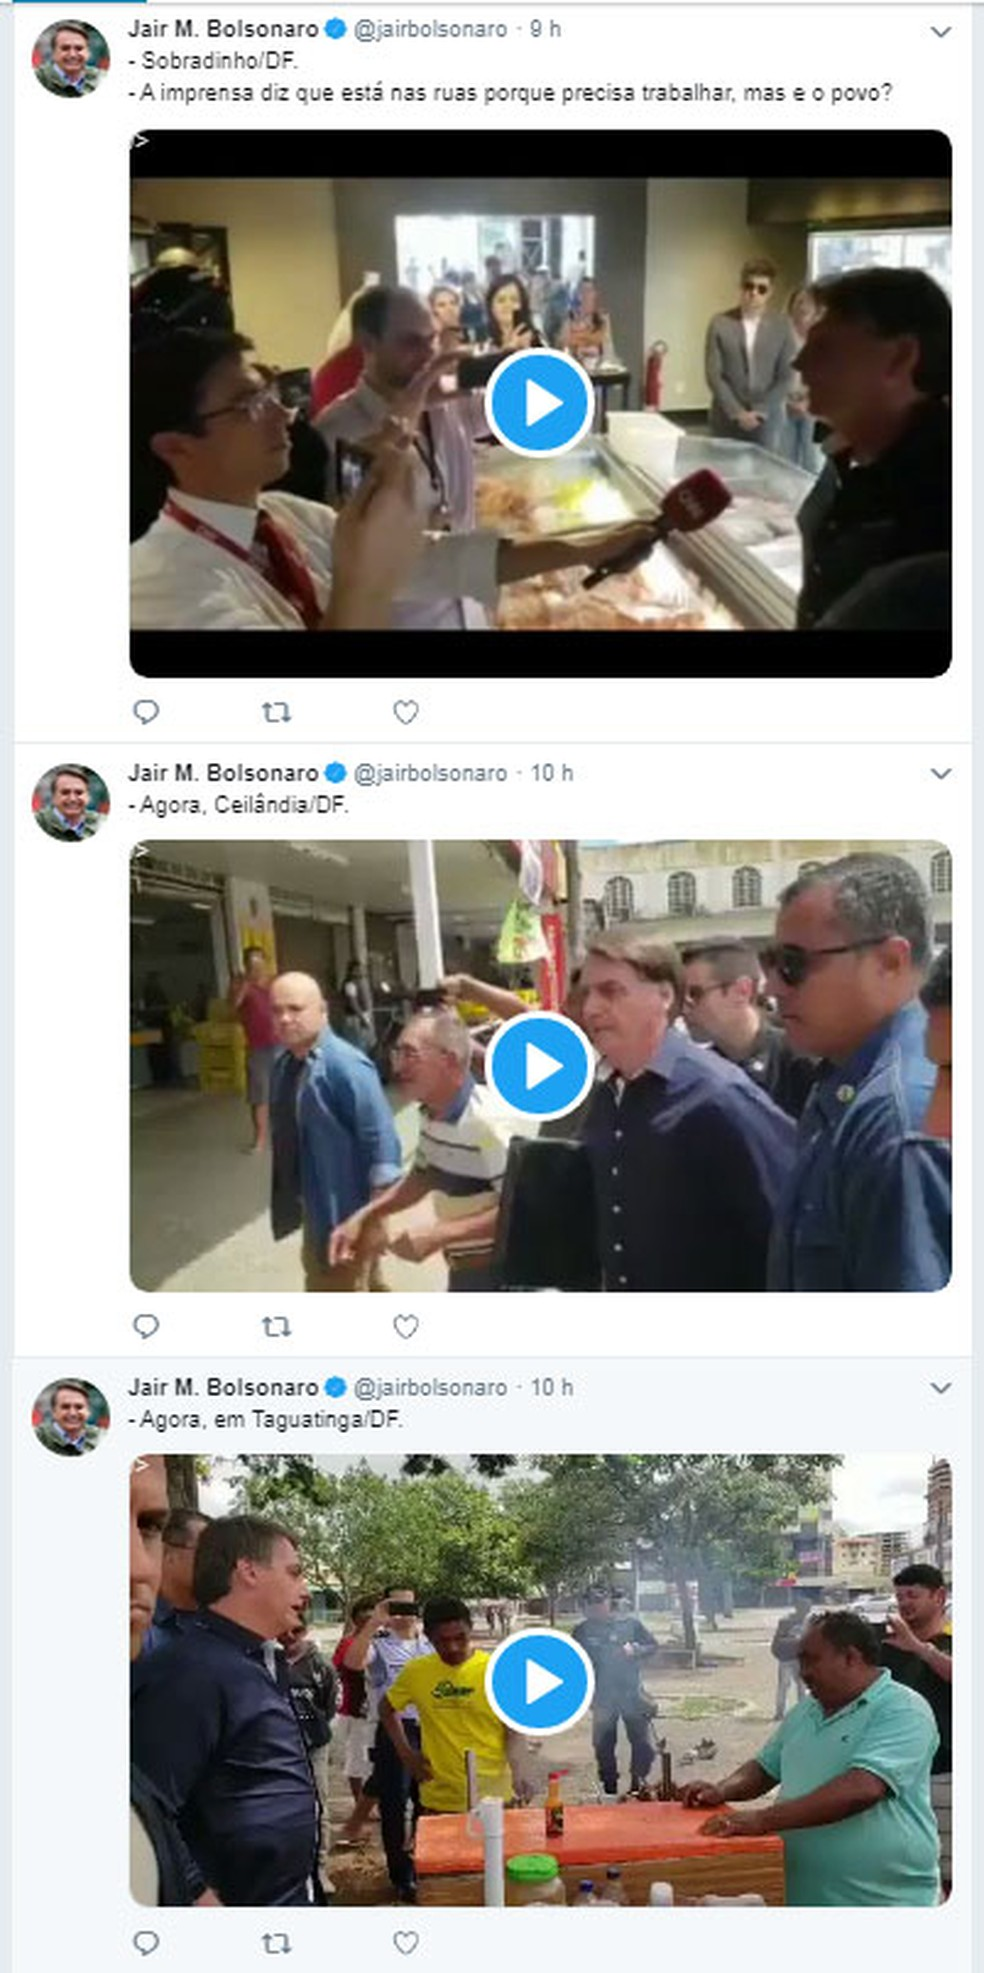 IMAGEM DOS POSTS ANTES DE SEREM APAGADOS - Twitter apaga tuítes de Bolsonaro com vídeos em Sobradinho e em Taguatinga por violarem regras da rede social — Foto: Reprodução/Cache do Google